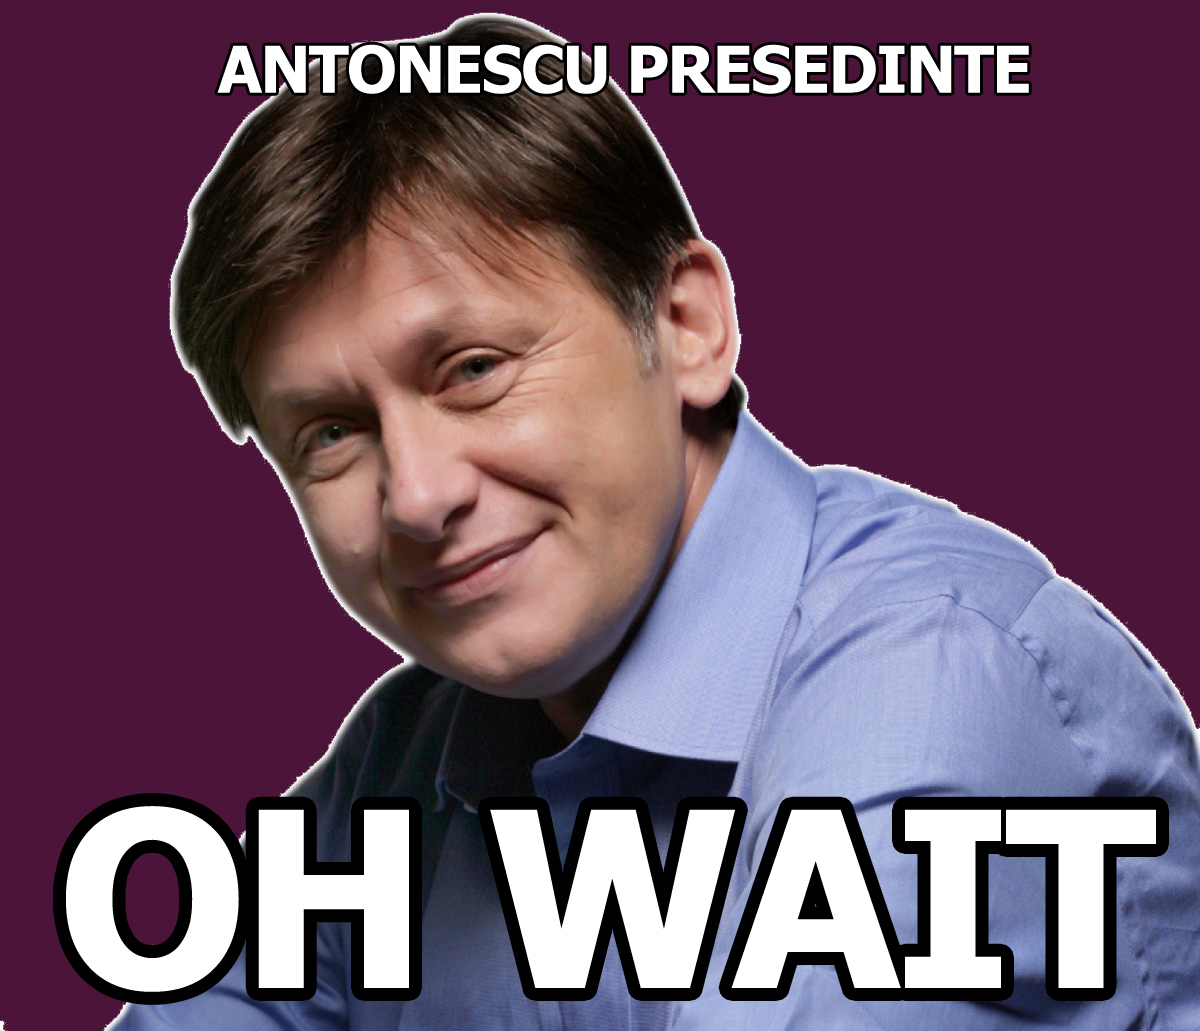 Unde sunt cei care se bucura ca e Antonescu Presedinte?